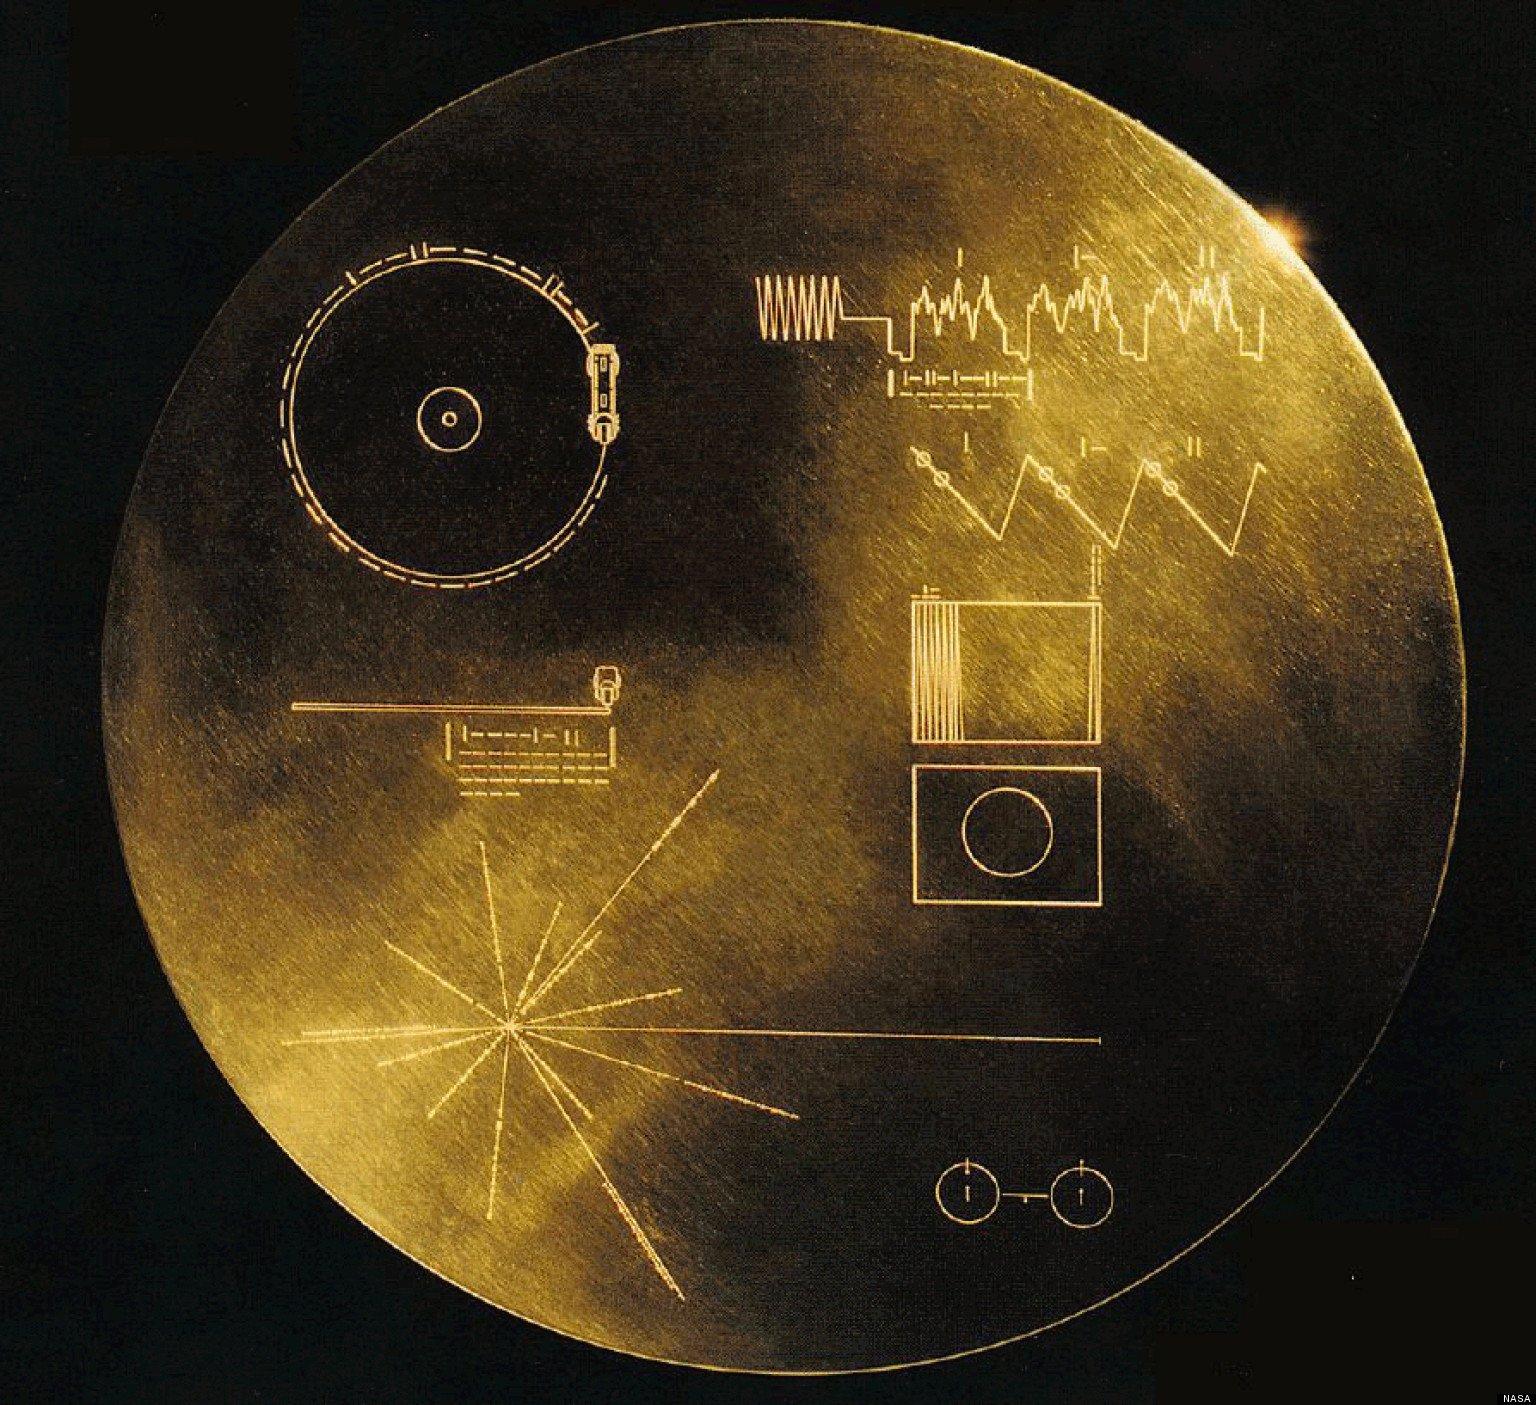 Die Raumsonde Voyager 1 hat einen Plattenspieler und eine vergoldete Schallplatte mit Liedern von der Erde an Bord.